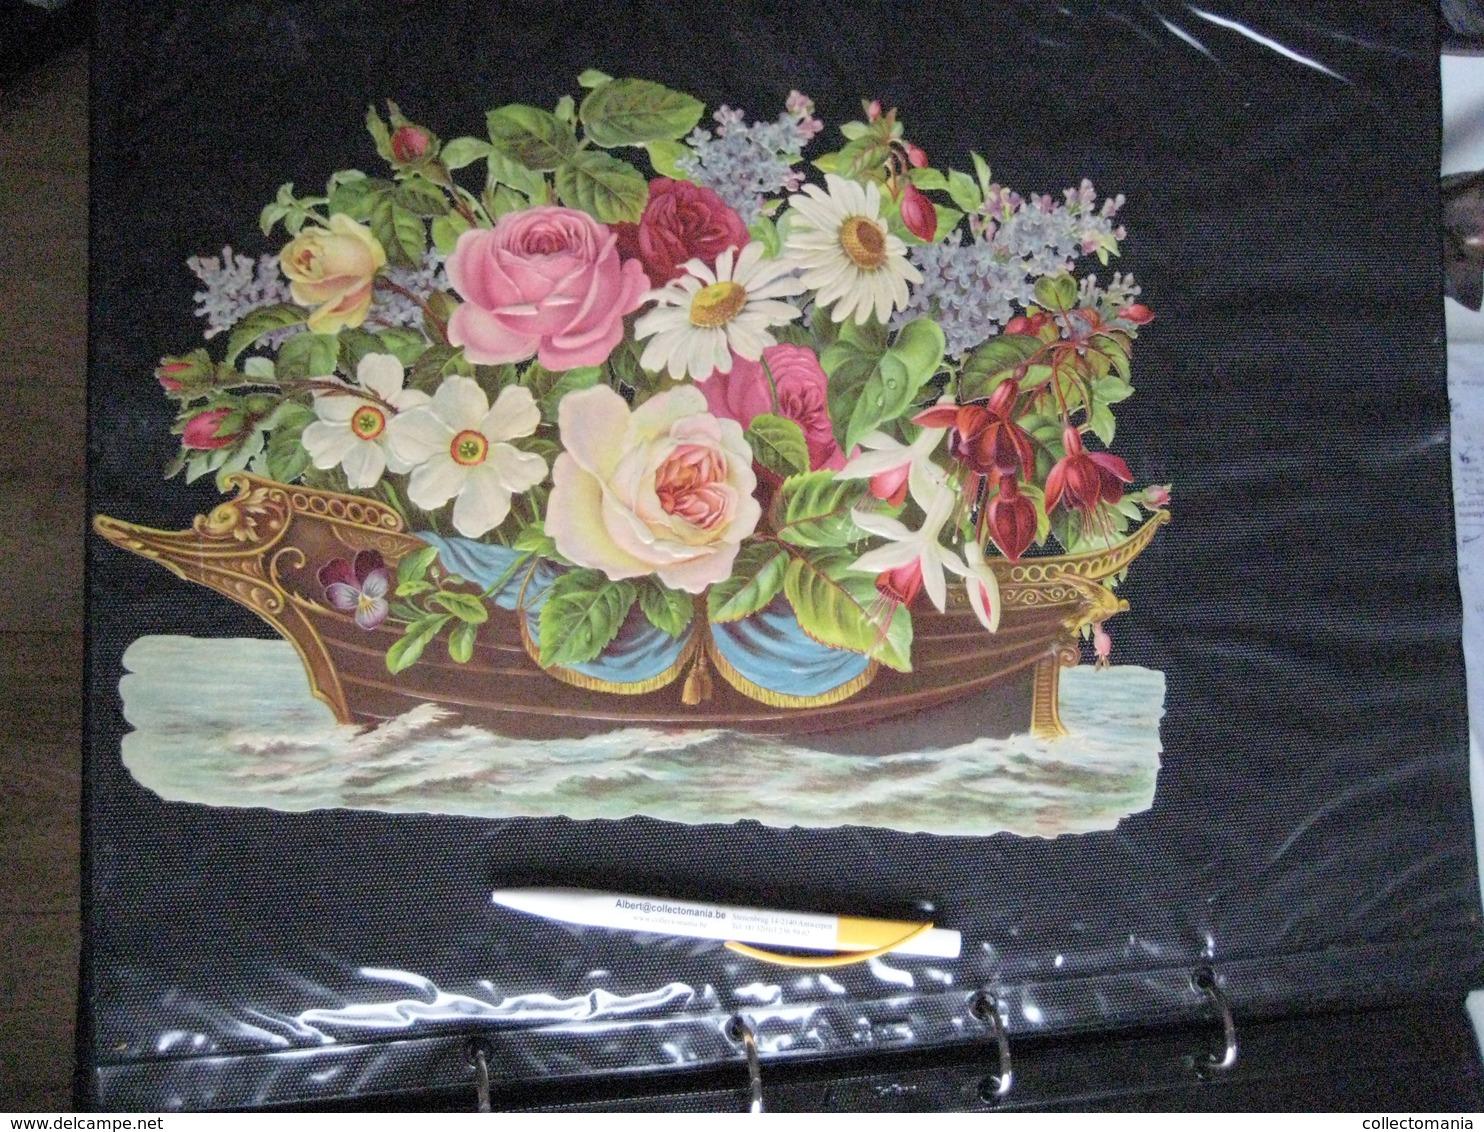 SCRAPS Van Vóór 1900, Alle Maten In 19 Mappen +7 Mappen RECLAME 20cmX15cm +10 Albums De Collection 1880 à 1890 Relief - Chocolat